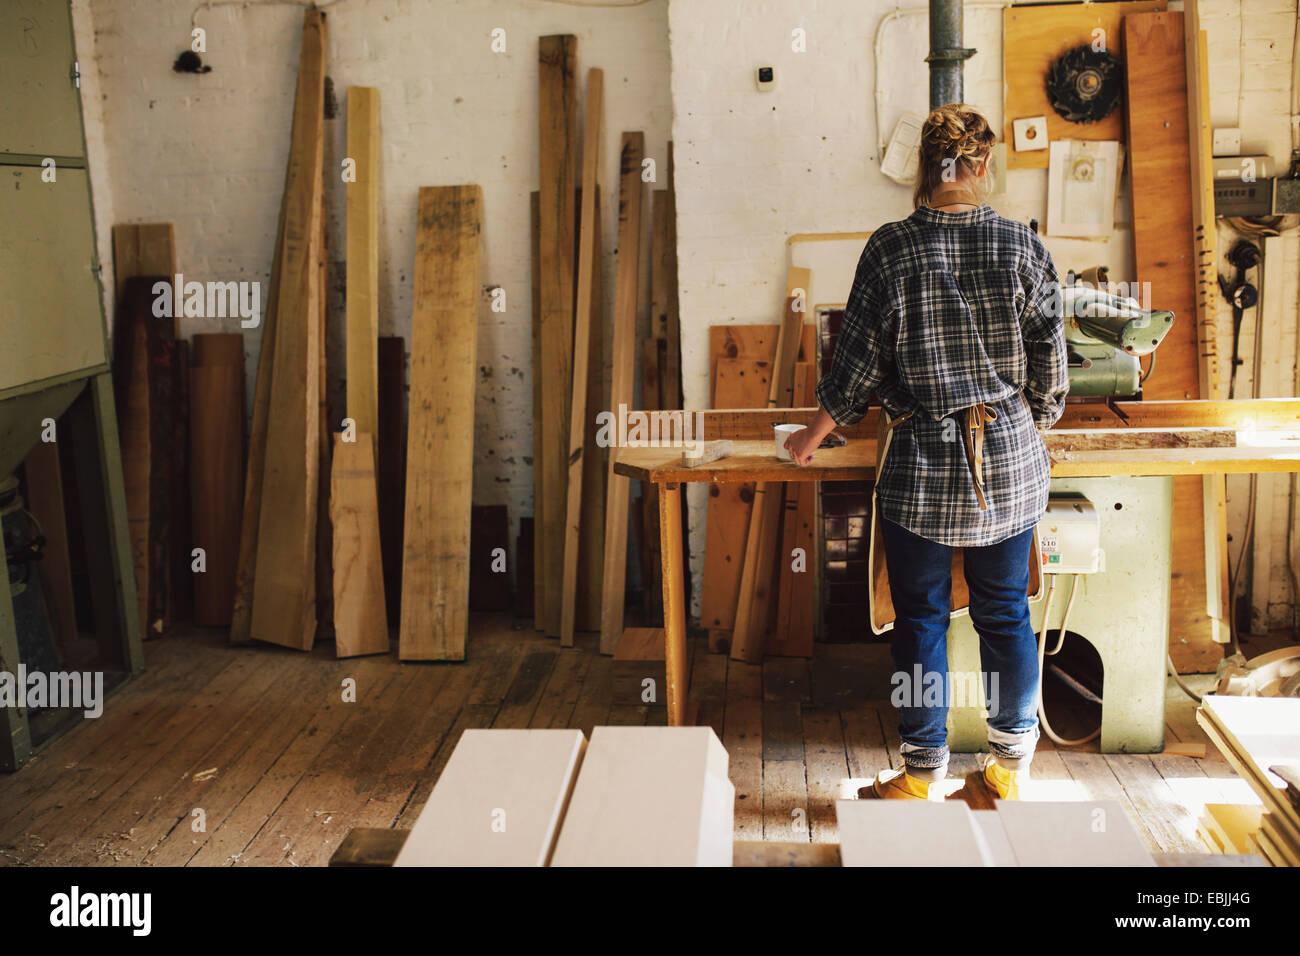 Jeune artisane au poste de travail en atelier orgue à tuyaux Photo Stock